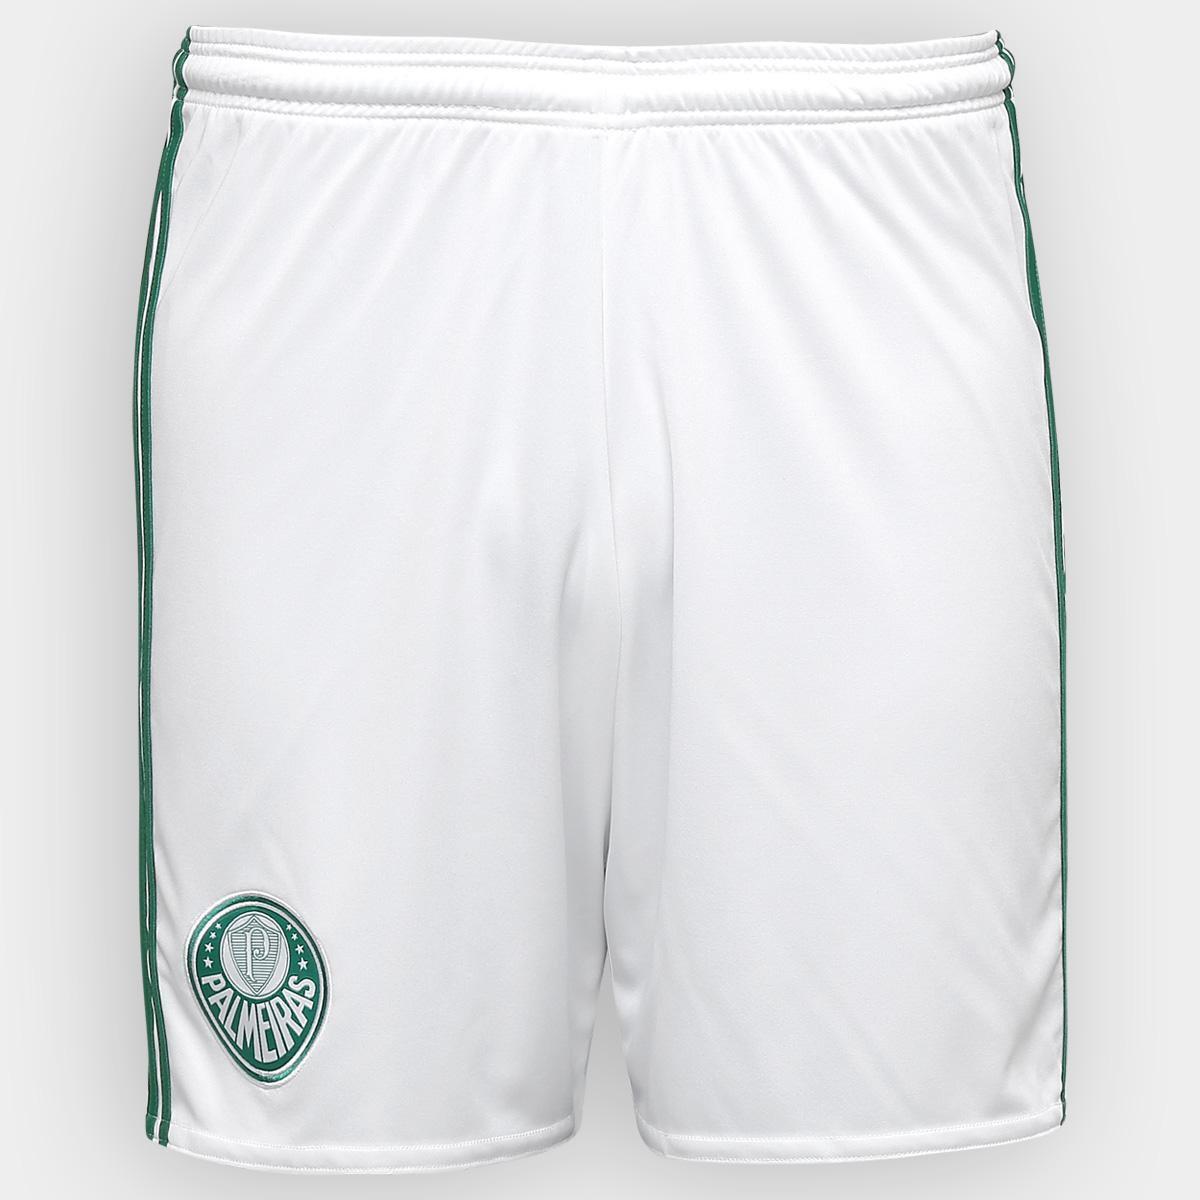 Calção Palmeiras 2016 Adidas Masculino - Compre Agora  99872997ce8bc